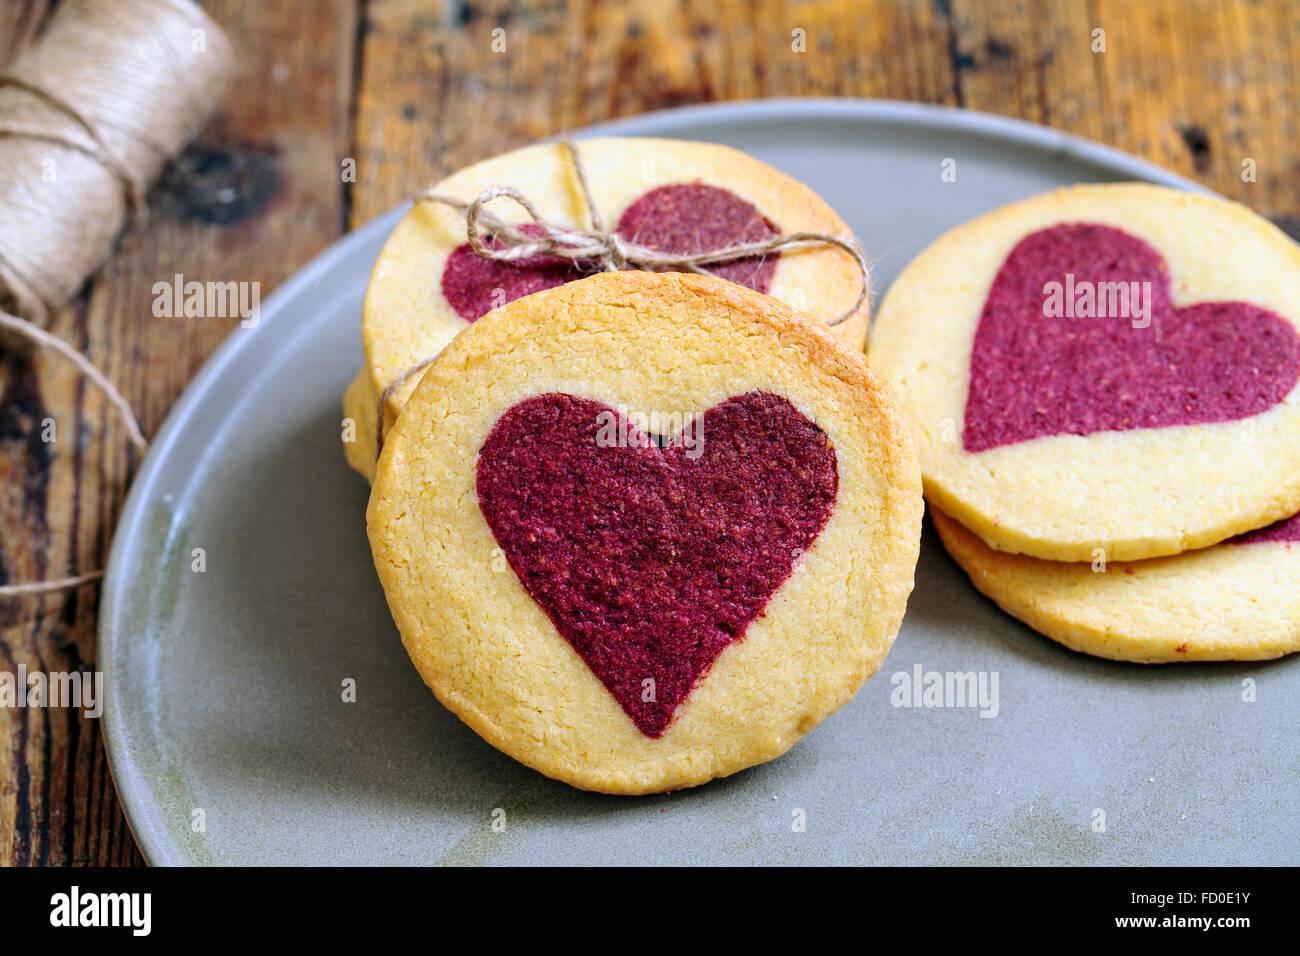 Biscuits à la framboise coeur saint valentin Photo Stock